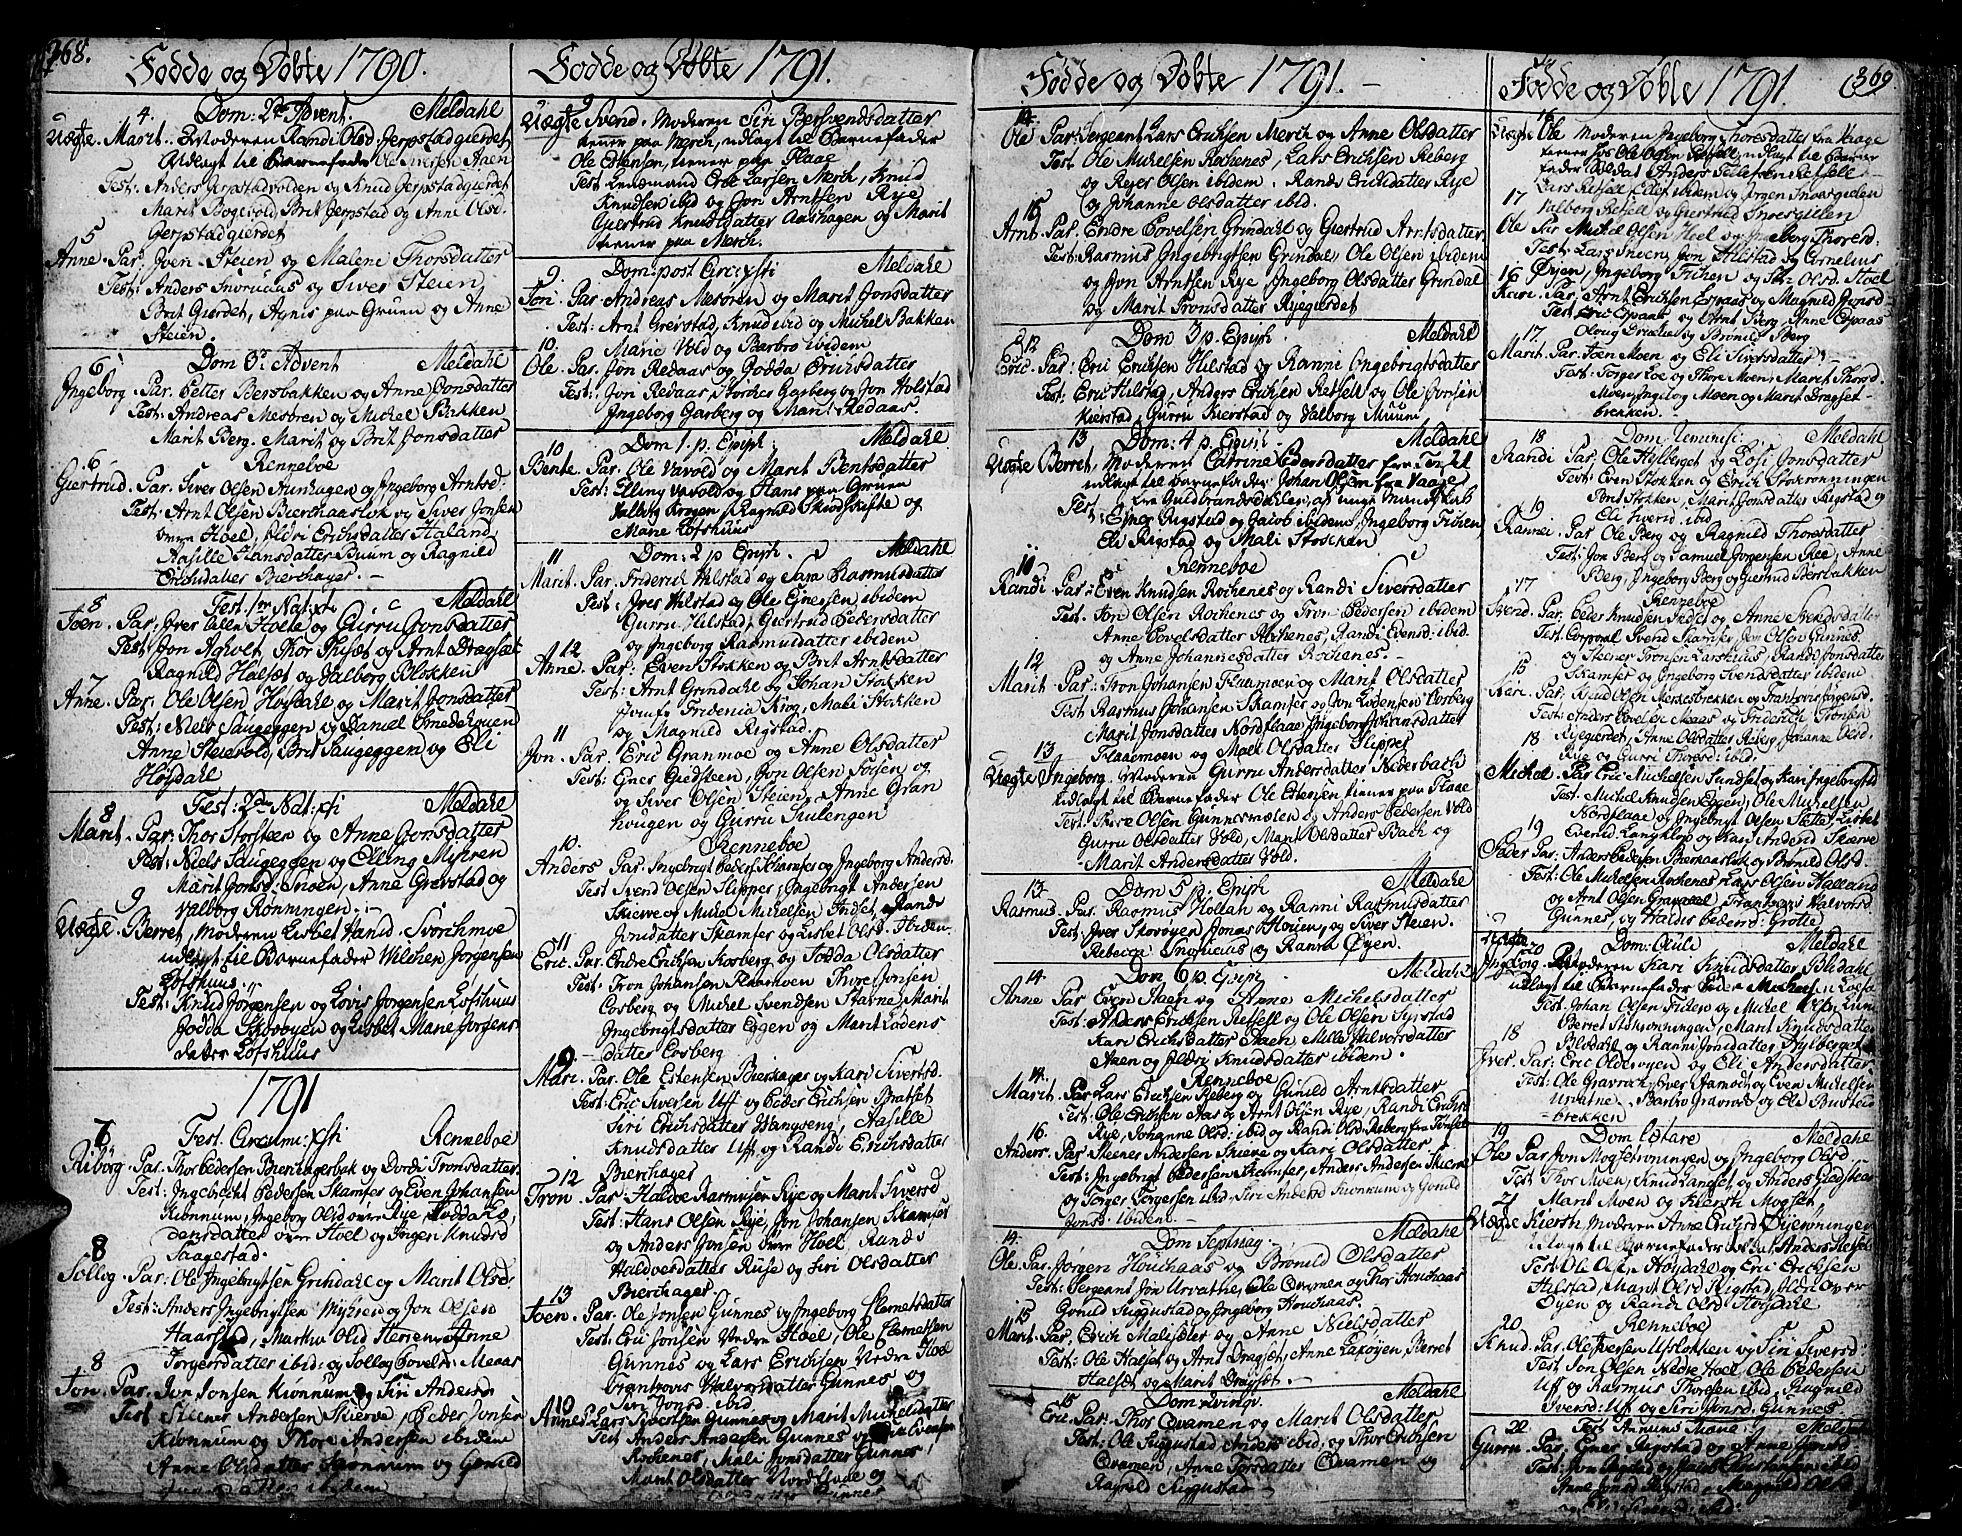 SAT, Ministerialprotokoller, klokkerbøker og fødselsregistre - Sør-Trøndelag, 672/L0852: Ministerialbok nr. 672A05, 1776-1815, s. 368-369